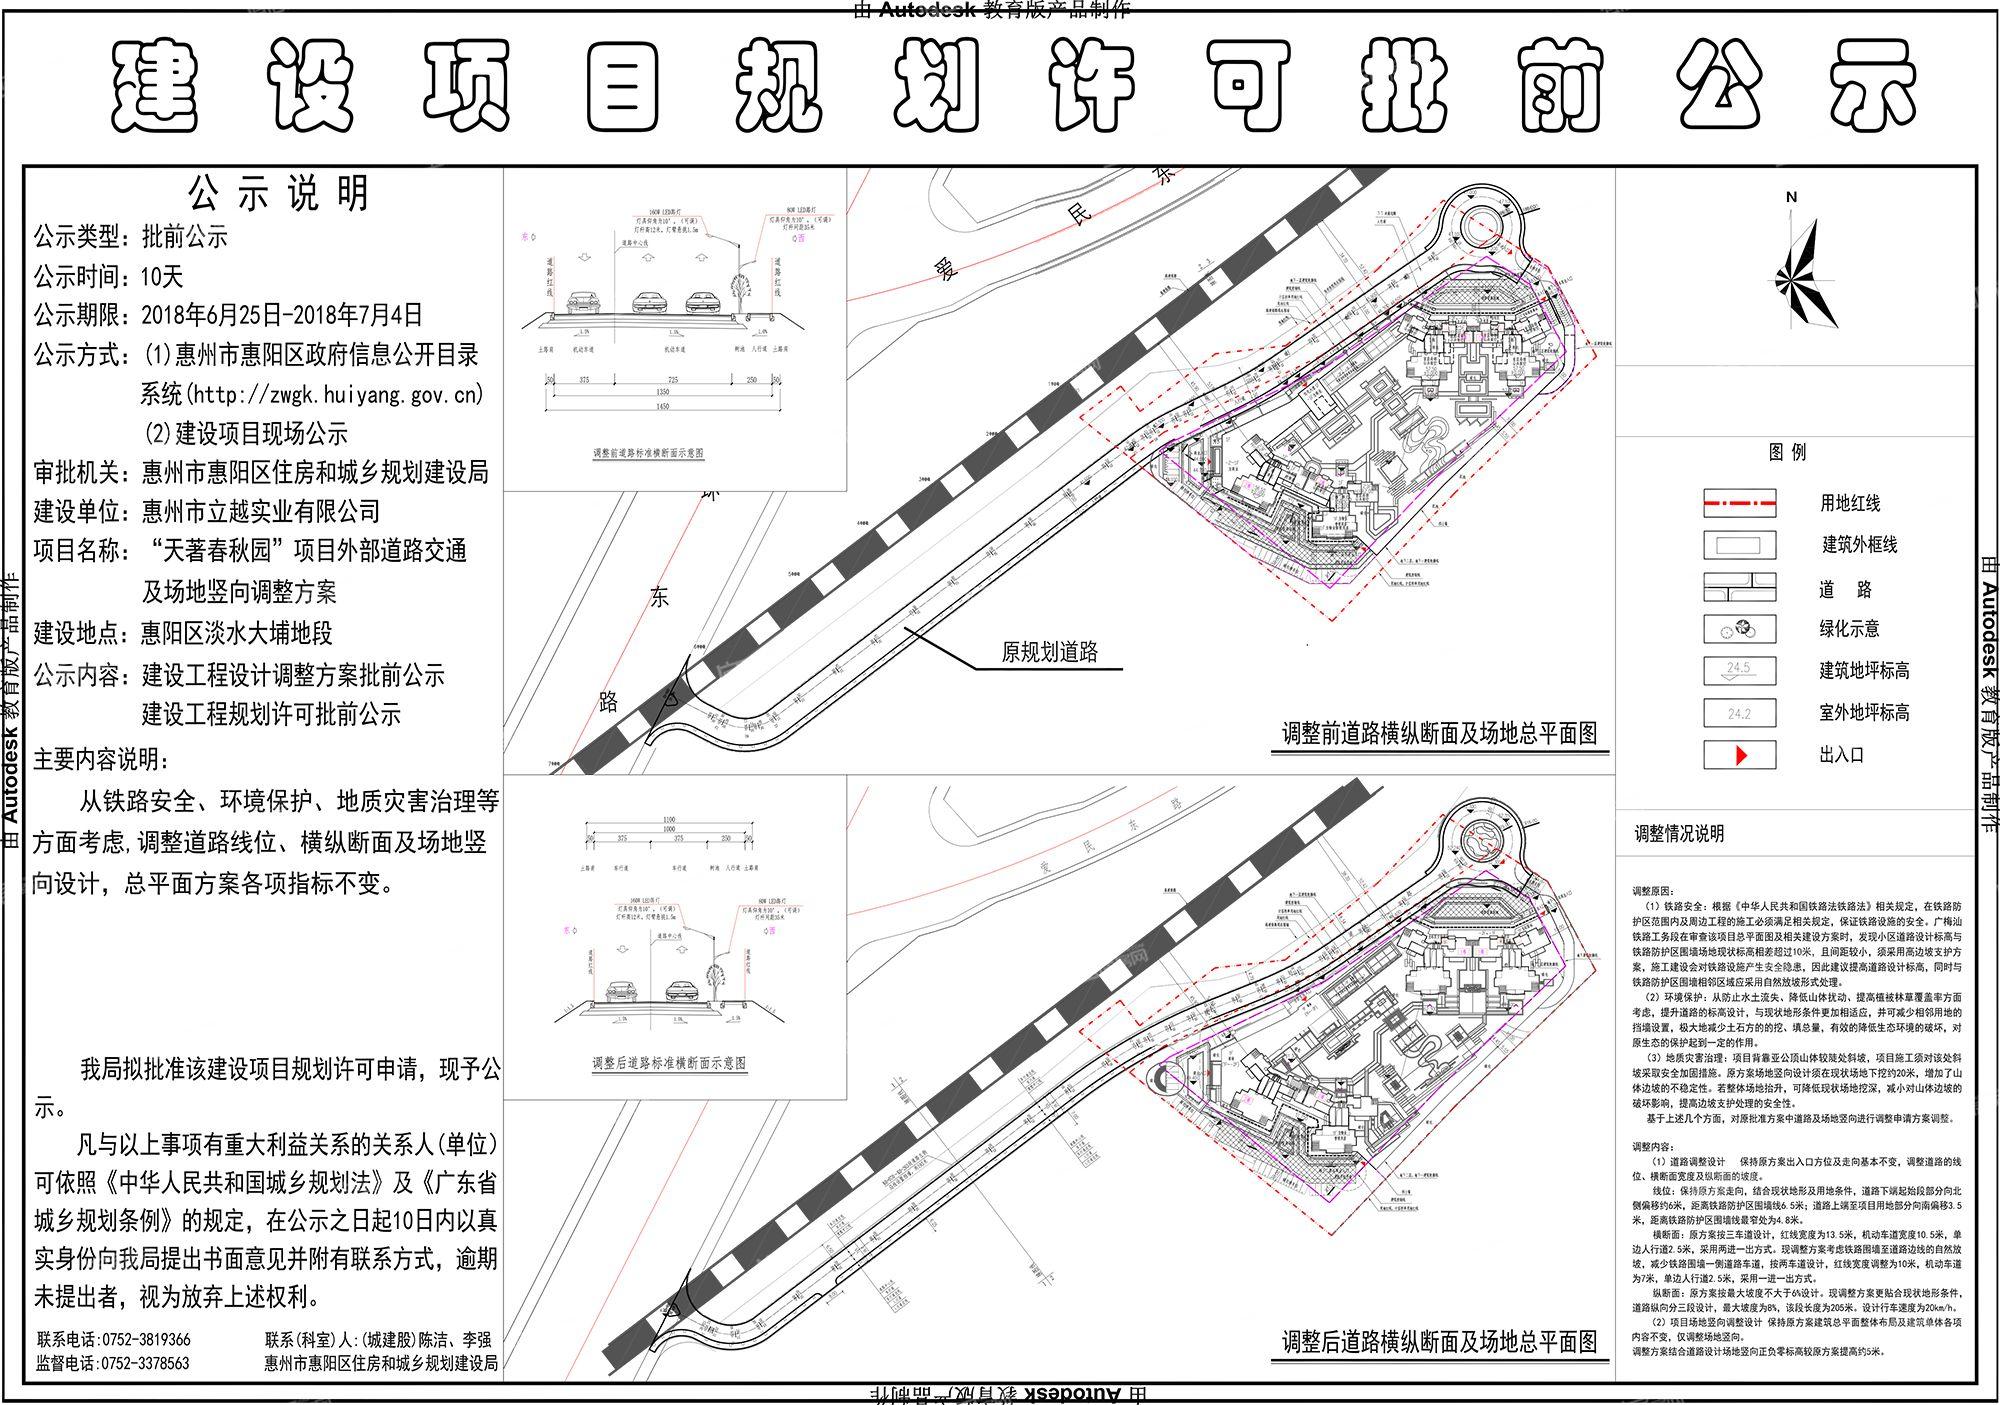 天著春秋园规划图